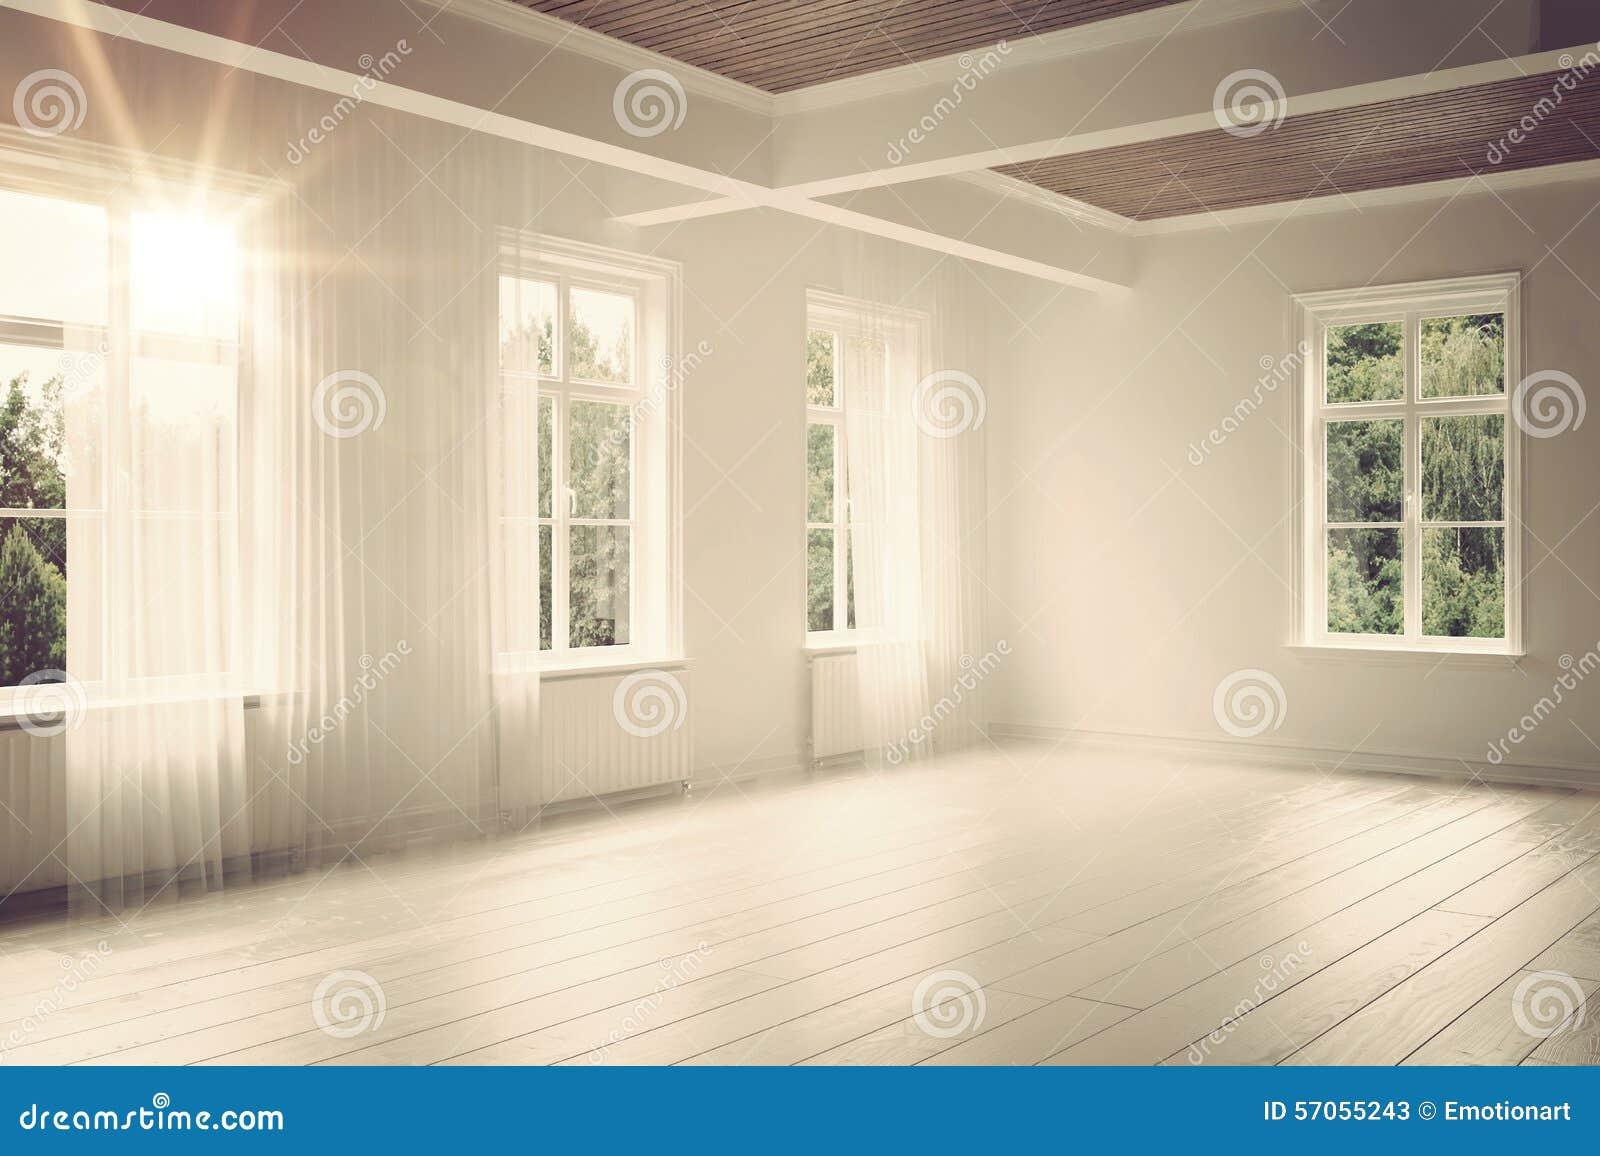 Grote lege ruime heldere witte zolderruimte